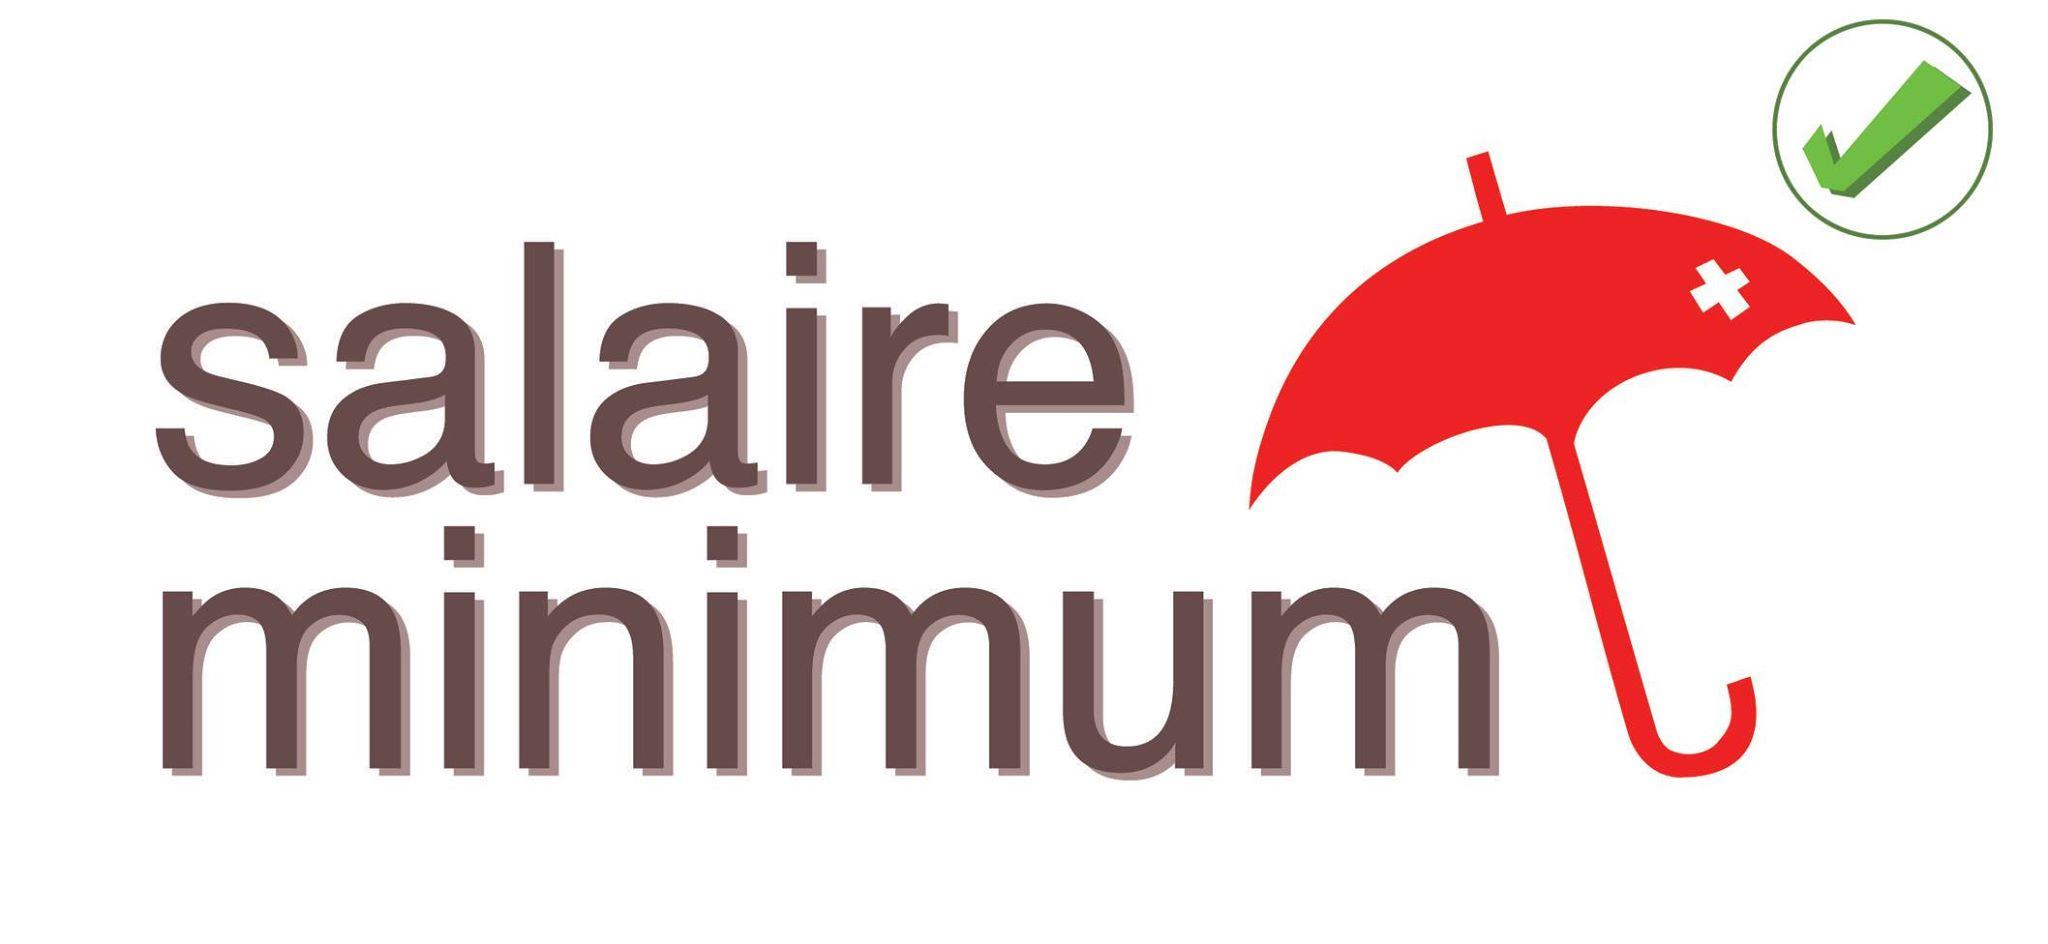 Un salaire minimum pour réduire les inégalités en Suisse